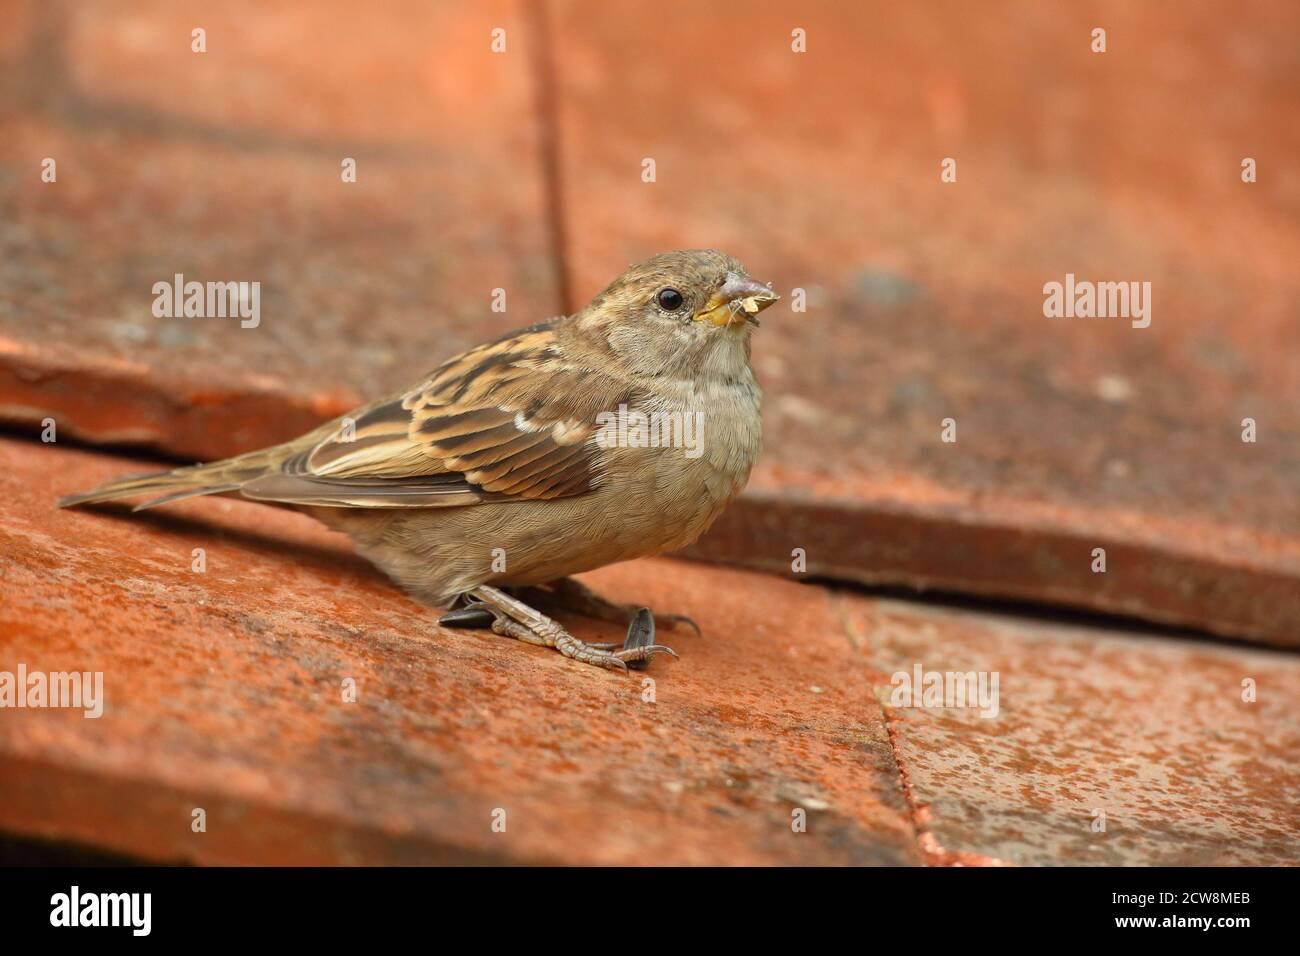 Female House Sparrow (Passer domesticus) sobre tejas de arcilla. Tomado en agosto de 2020. Foto de stock